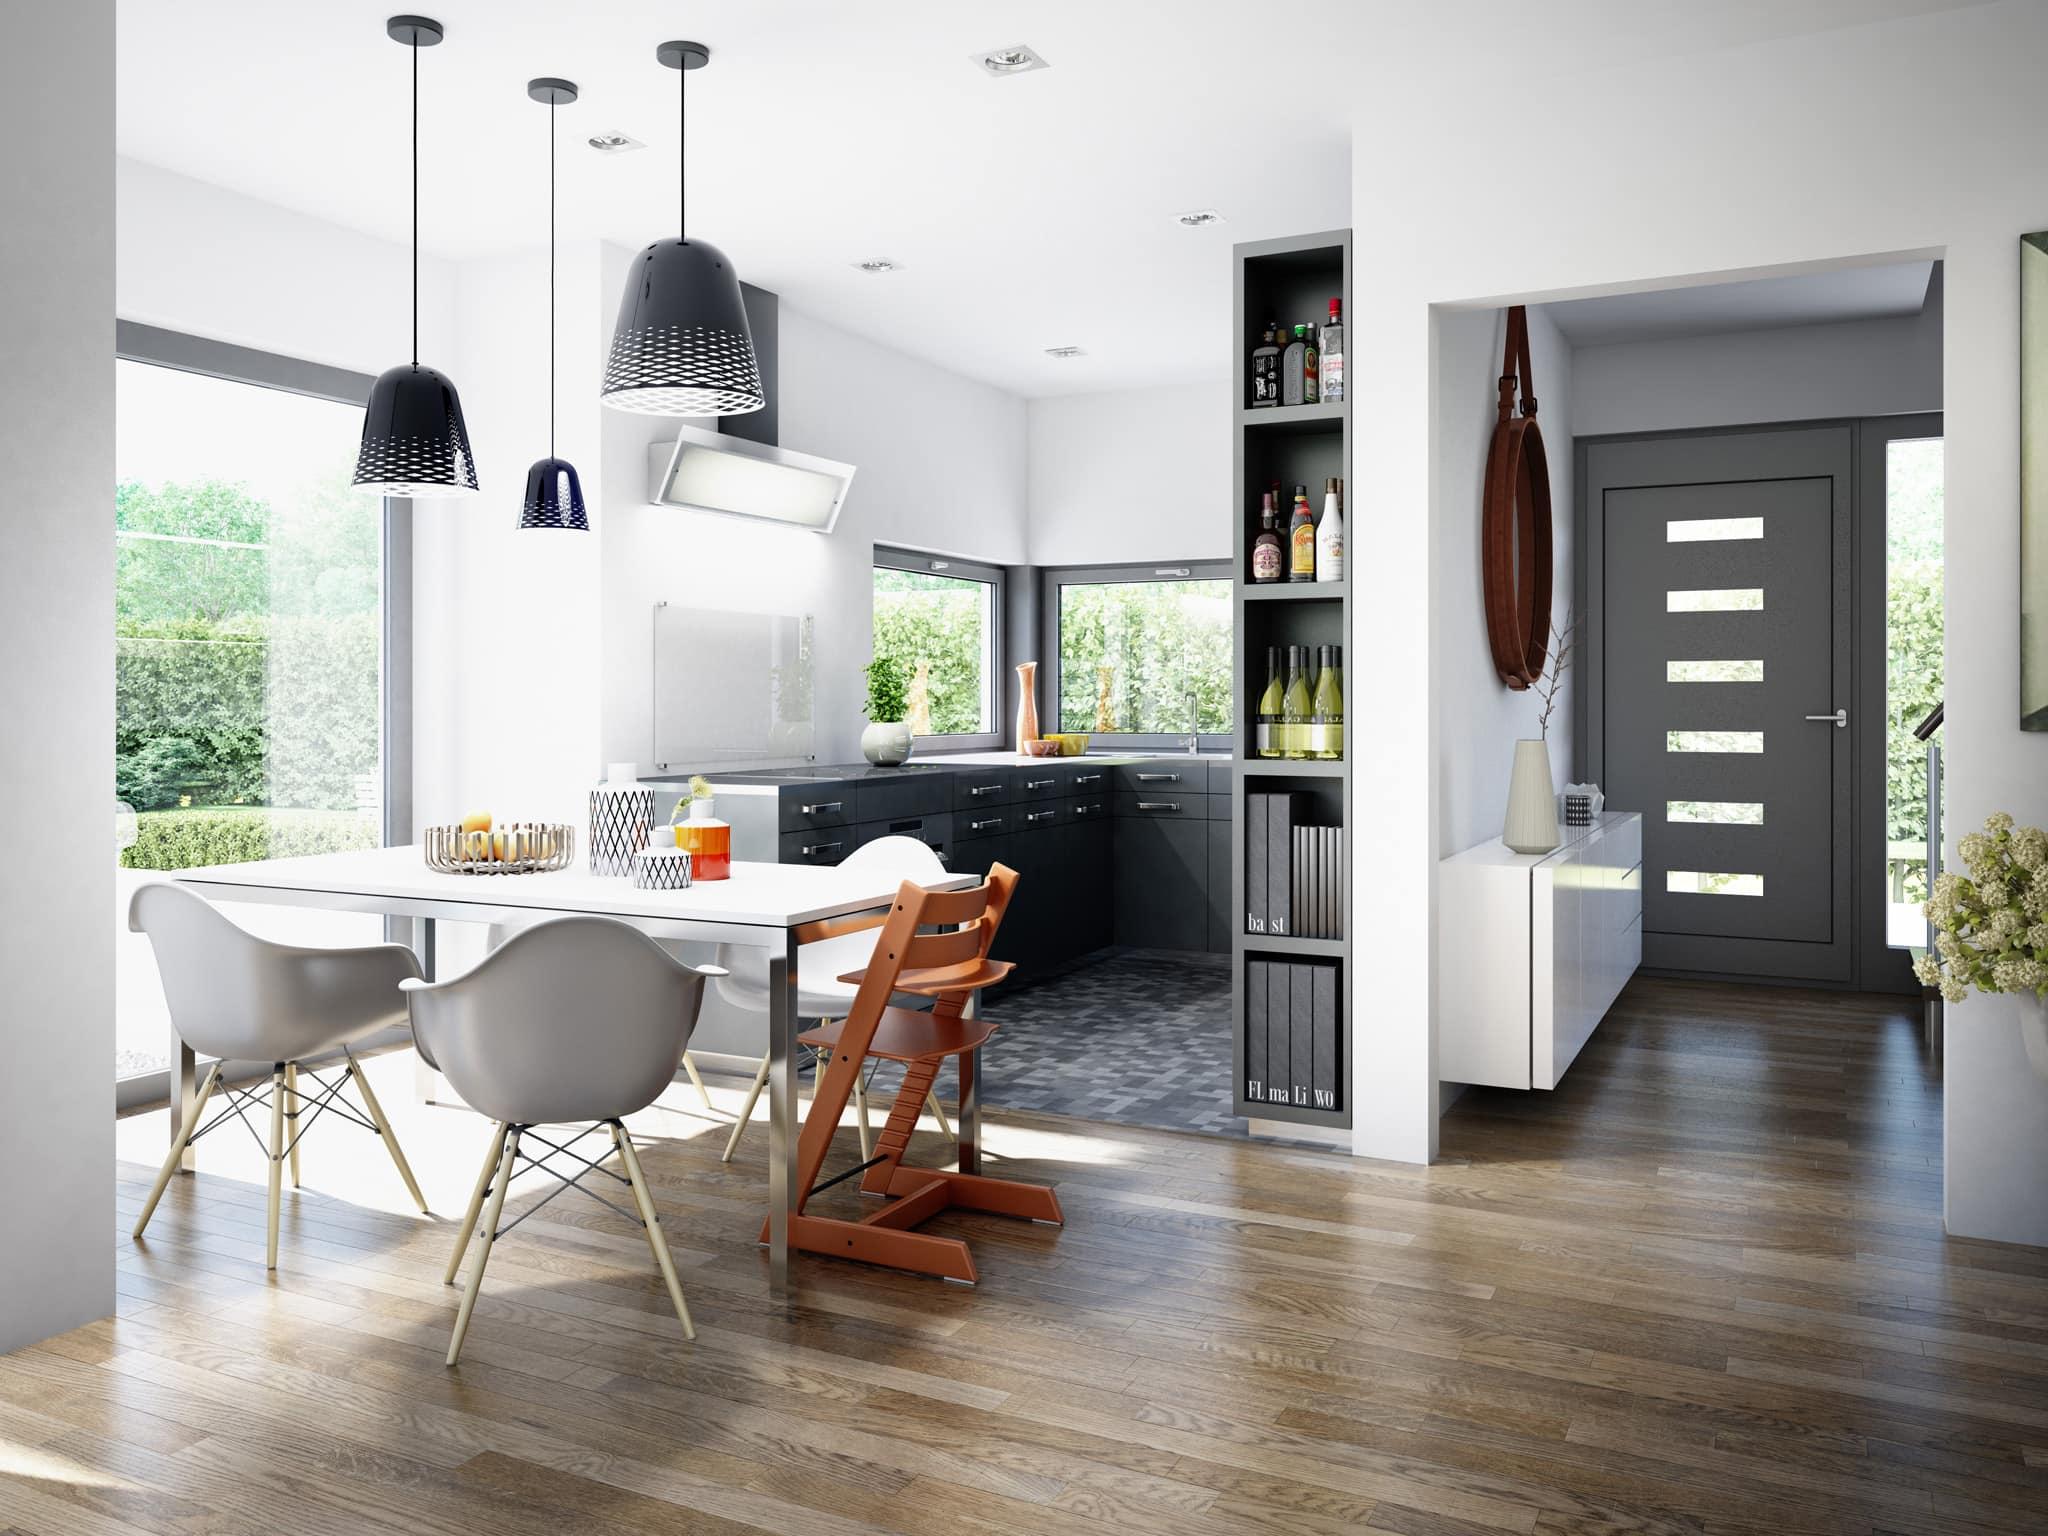 Küchen Ideen - Einfamilienhaus Inneneinrichtung Living Haus SUNSHINE 151 V3 - HausbauDirekt.de